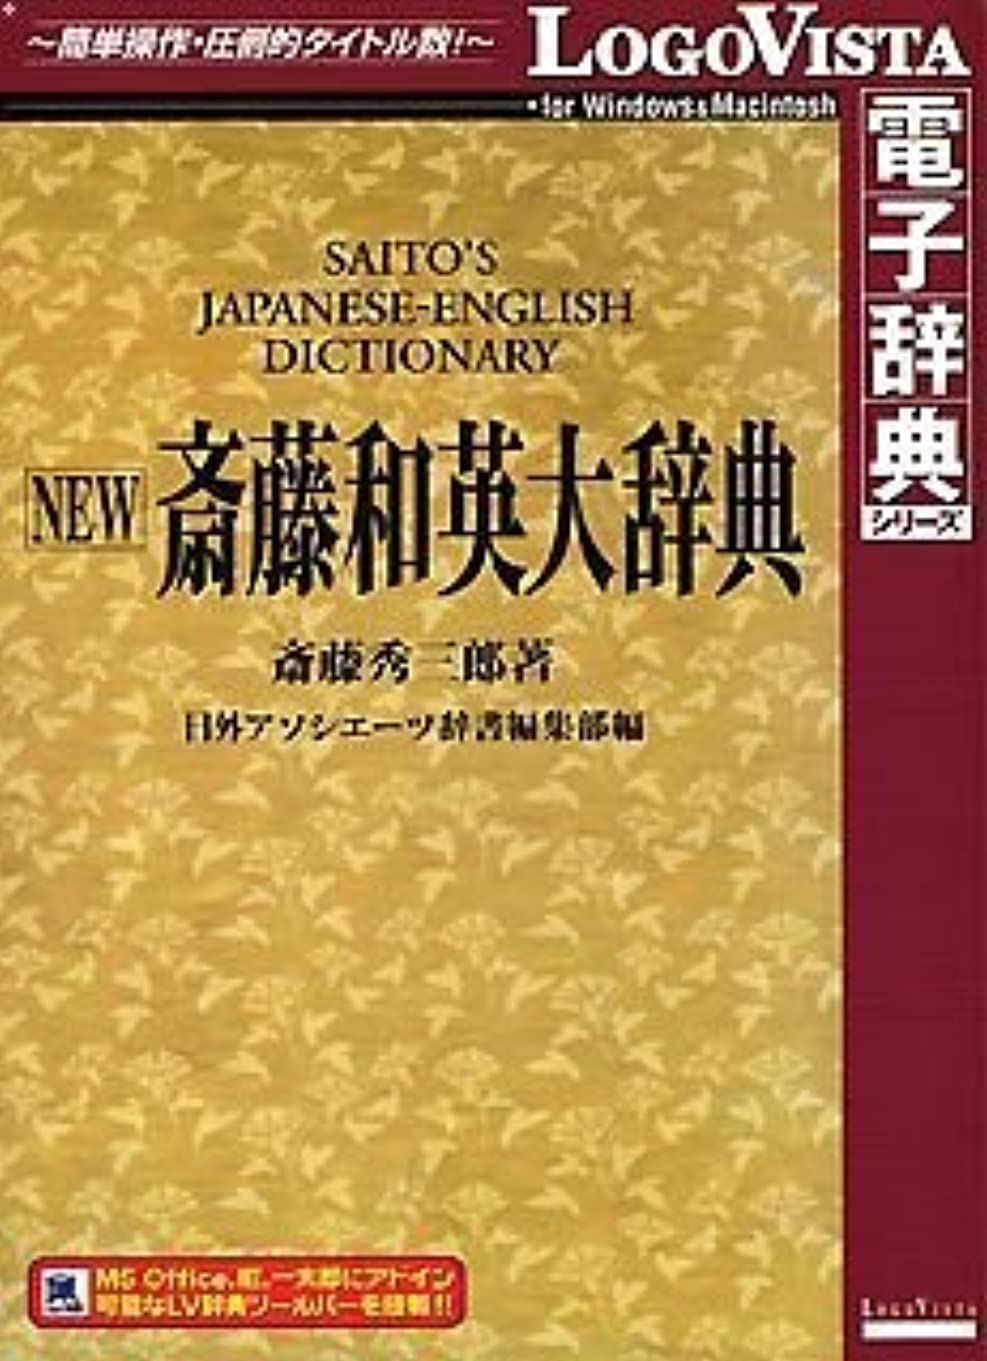 タイマー醜いスカートNEW 斎藤和英大辞典